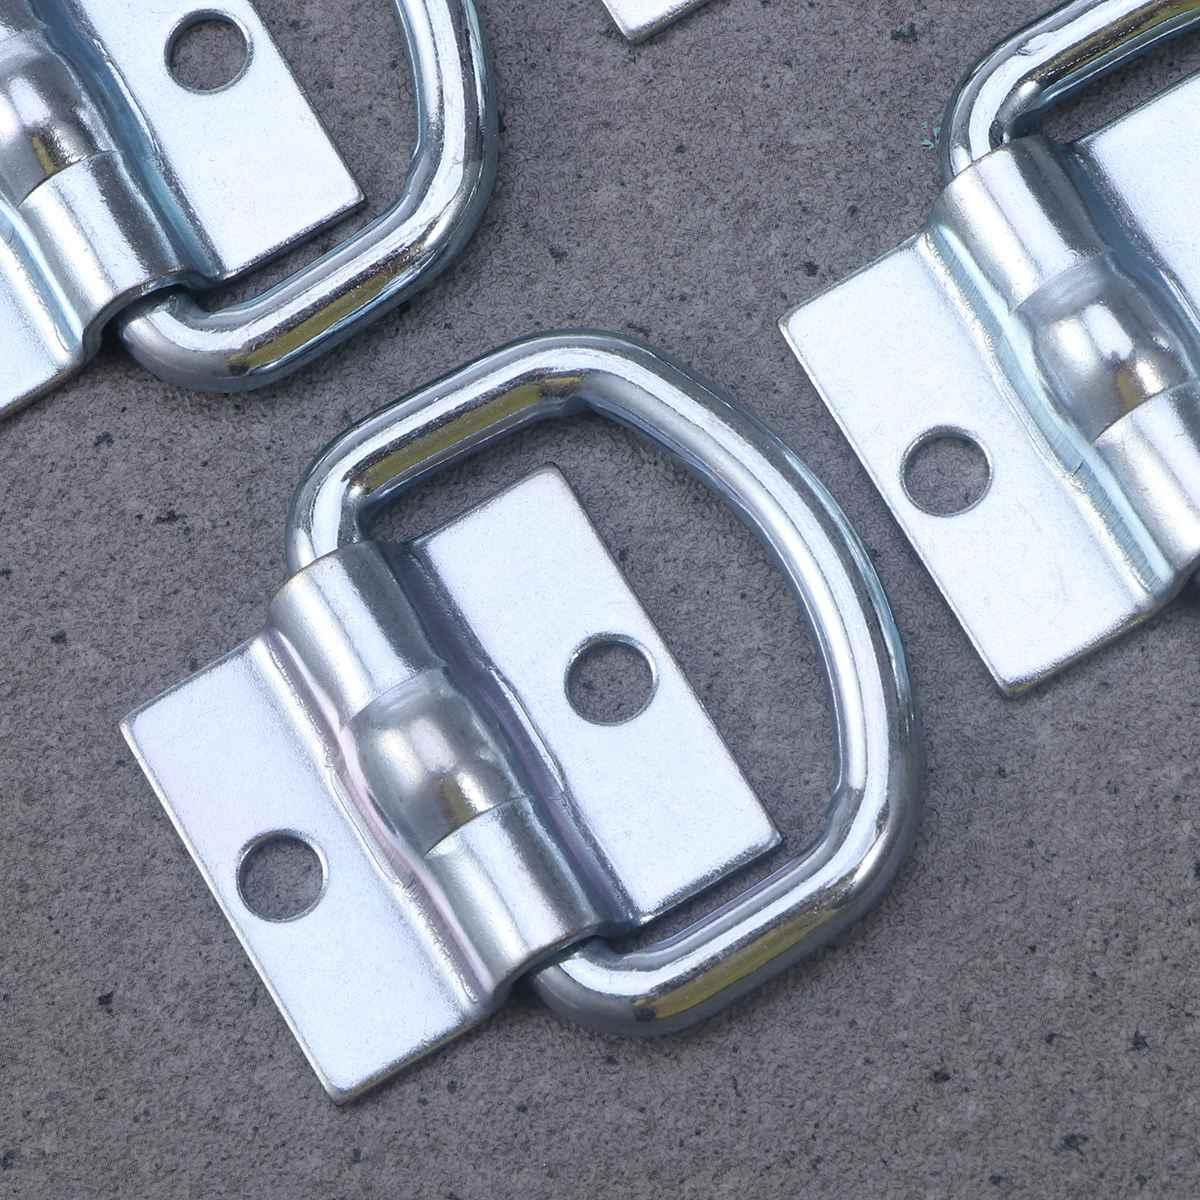 4 pcs D Âncora Anel de Amarração de Carga do reboque do carro Reboque Âncora Acessórios Forjados Anel De Amarração com Capacidade de 9600 Libras